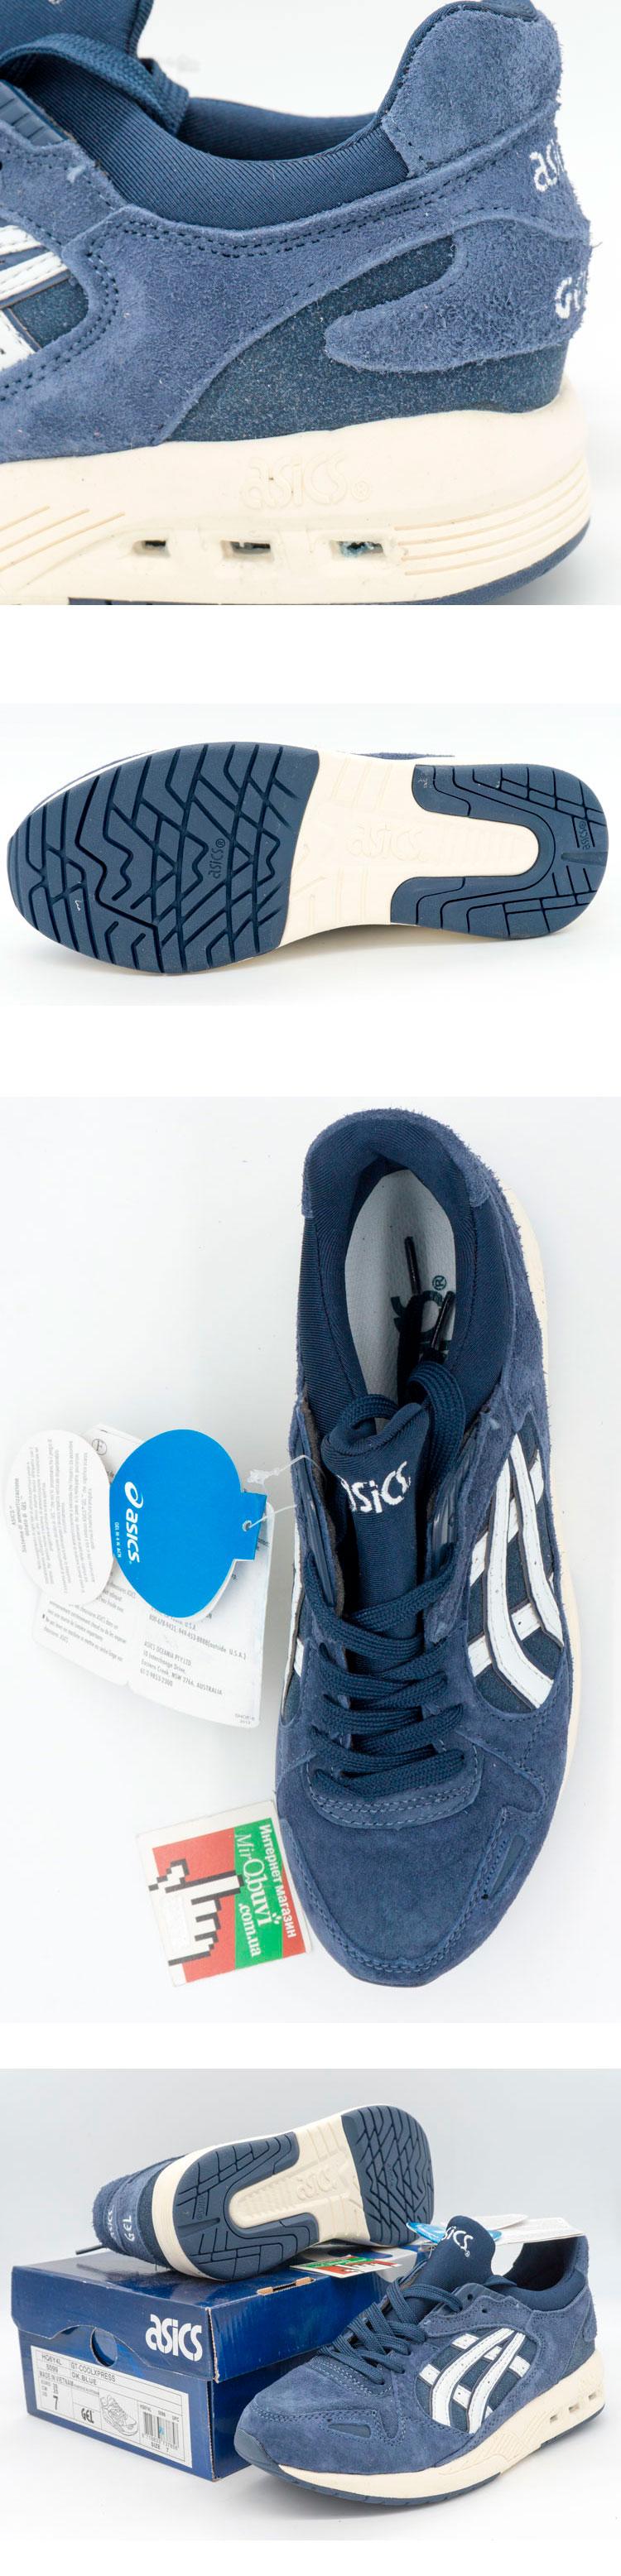 большое фото №5 Женские кожаные кроссовки Asics GT-Coolxpress синие. Топ качество!